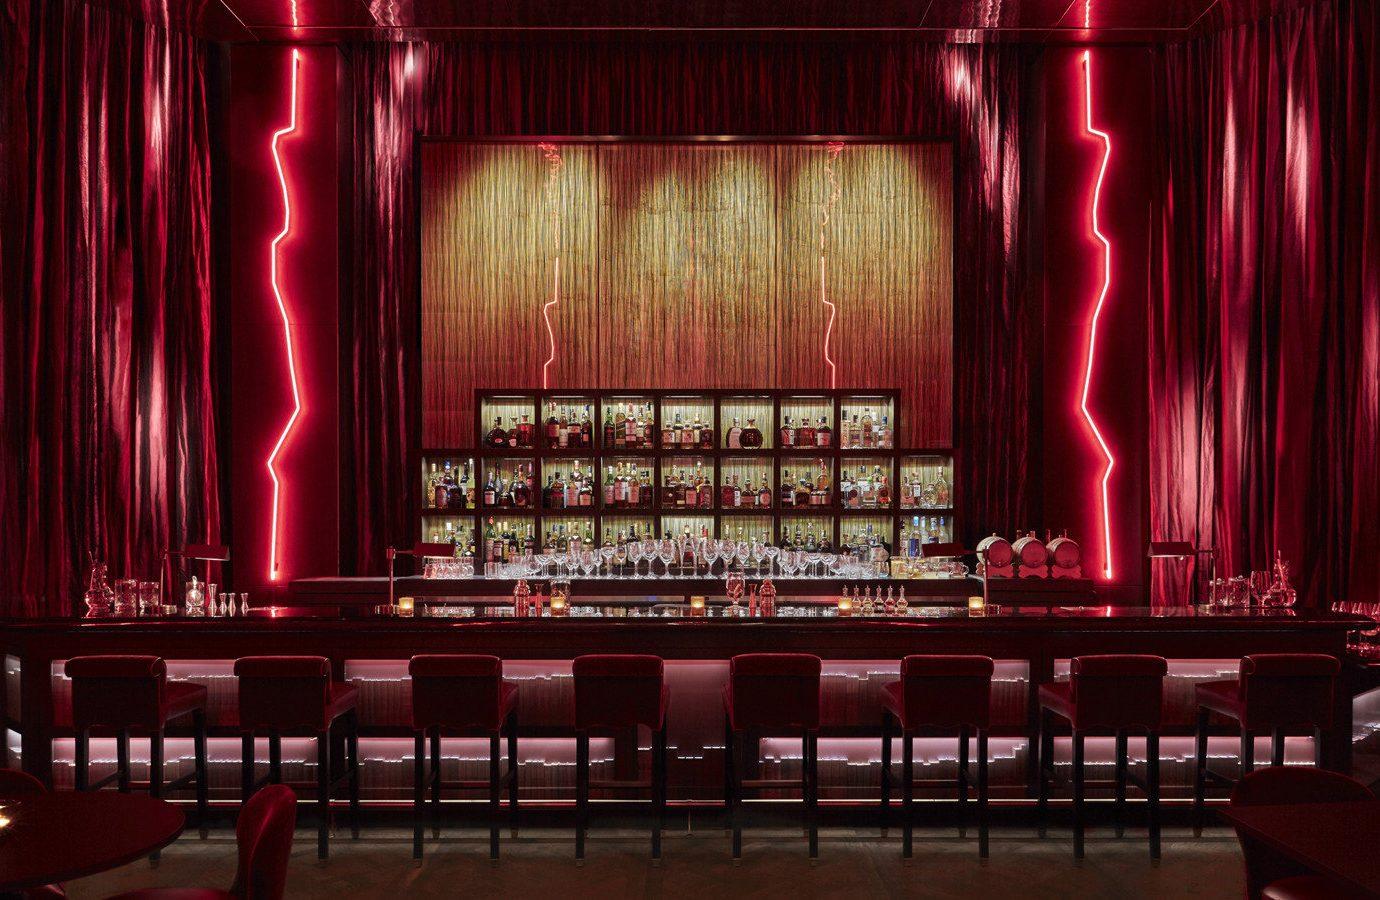 Hotels curtain indoor stage furniture auditorium performing arts interior design music venue musical theatre nightclub movie theater Bar function hall theatre